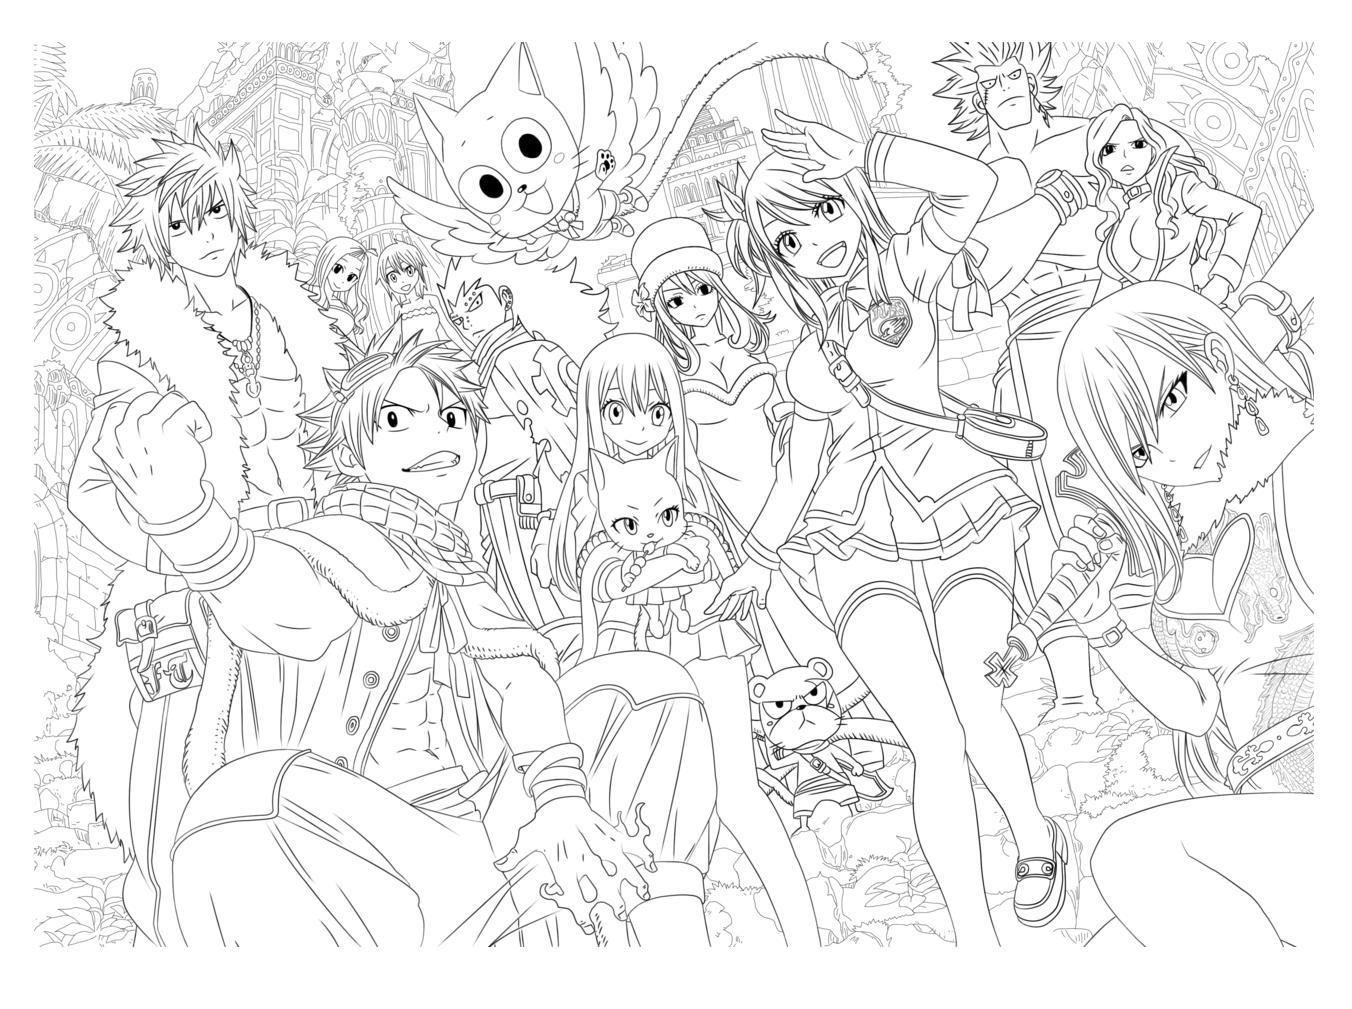 1352x1009 Manga Characters By Tobeyd Manga Anime